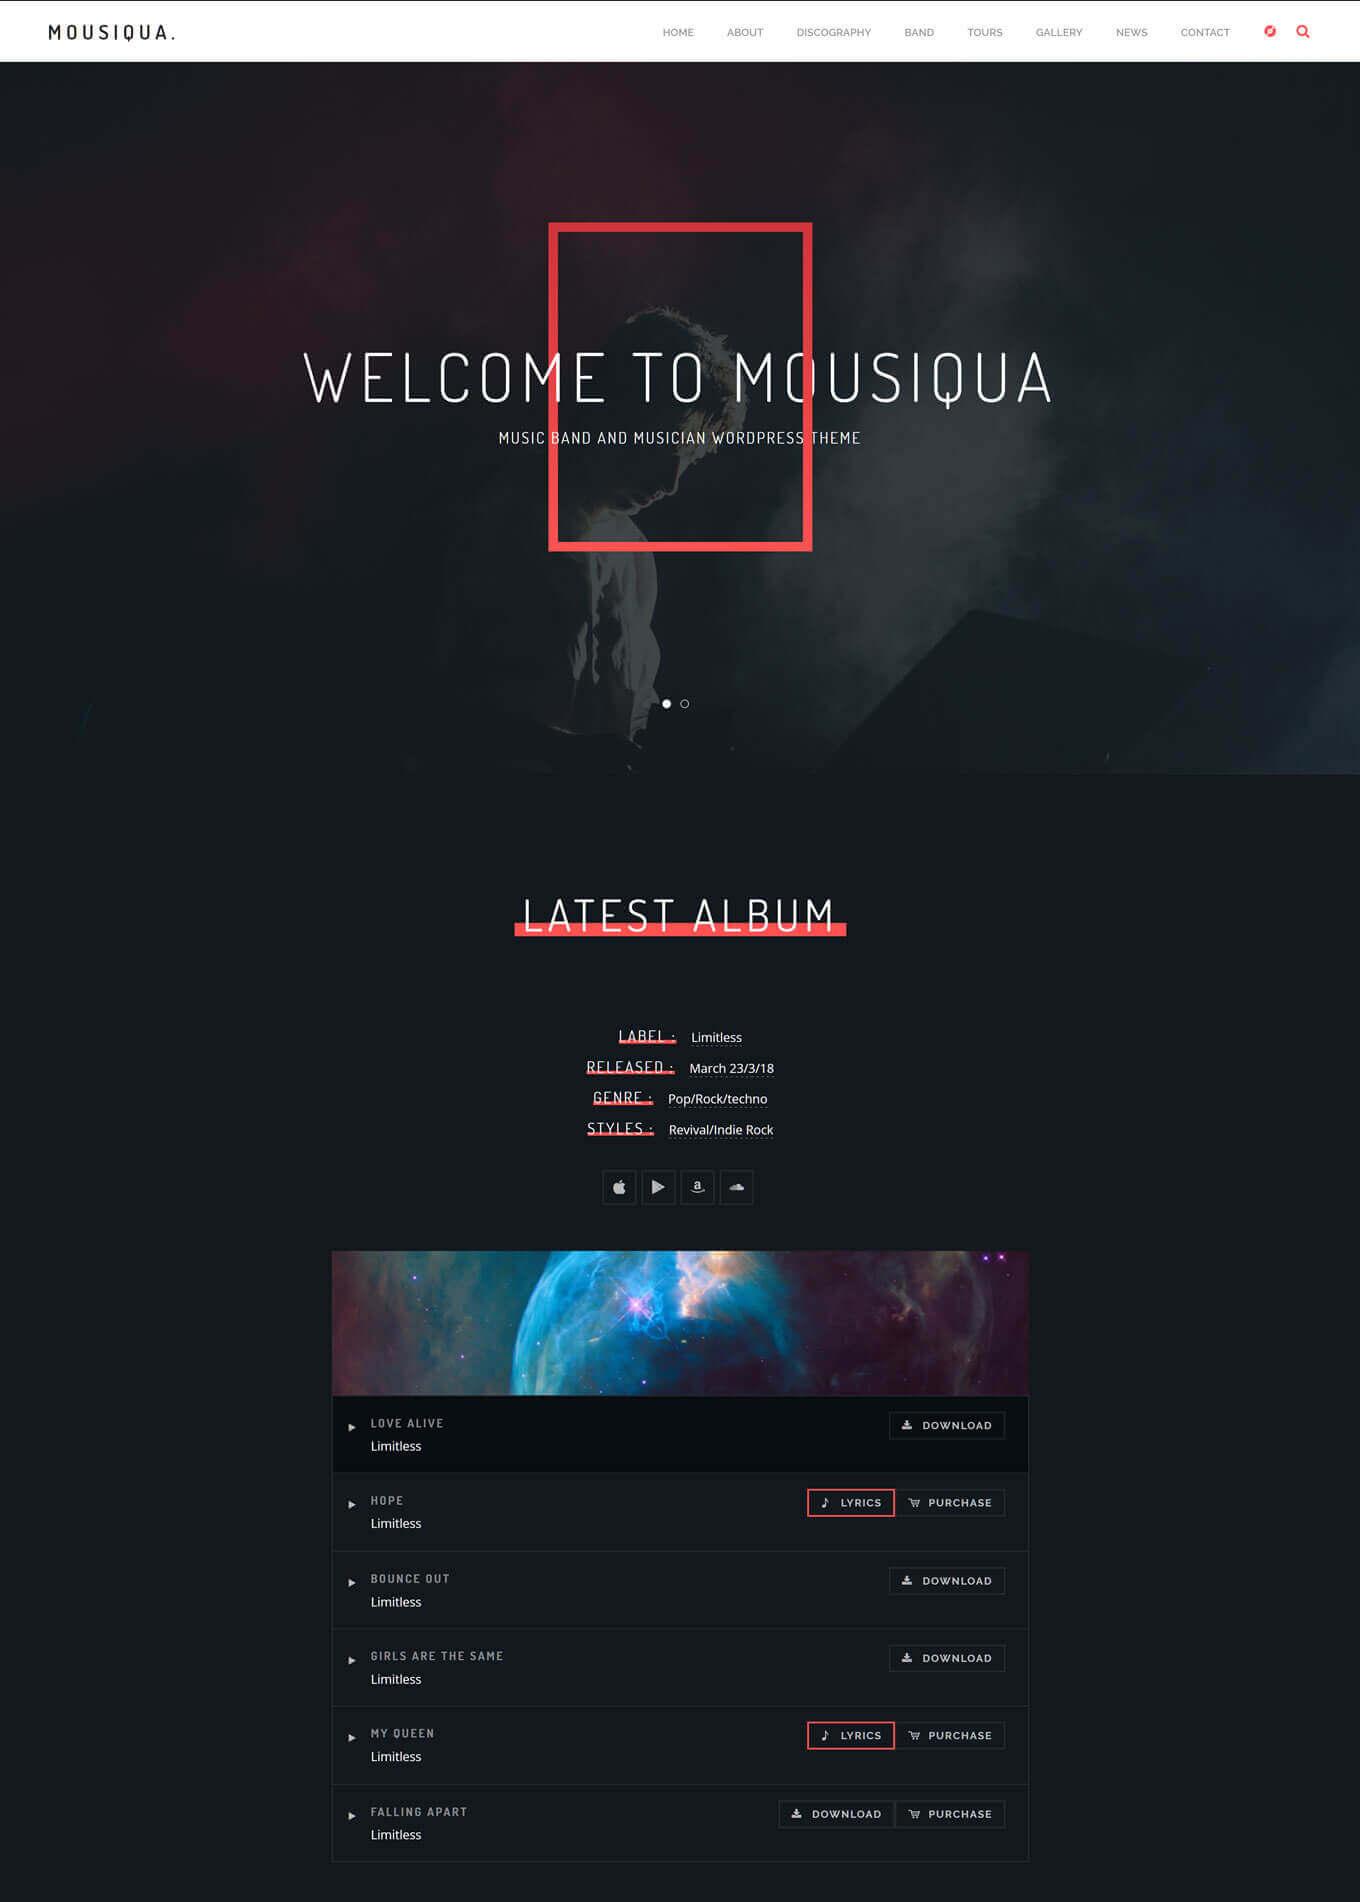 Mousiqua